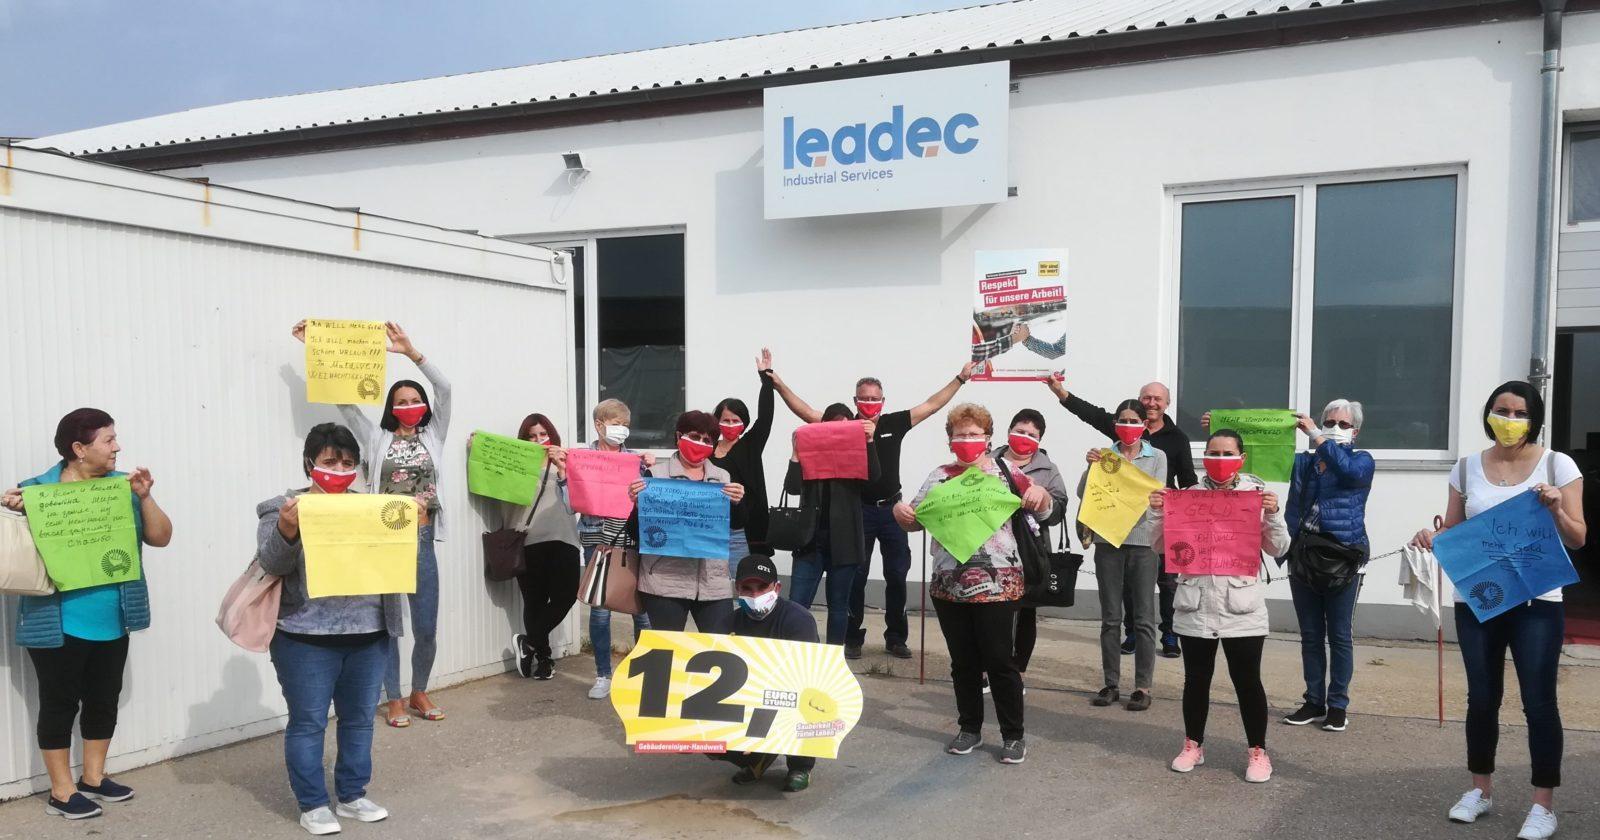 """Reinigungskräfte von Leadec in Gaimersheim: """"Es ist an der Zeit, dass wir gerecht bezahlt werden."""""""